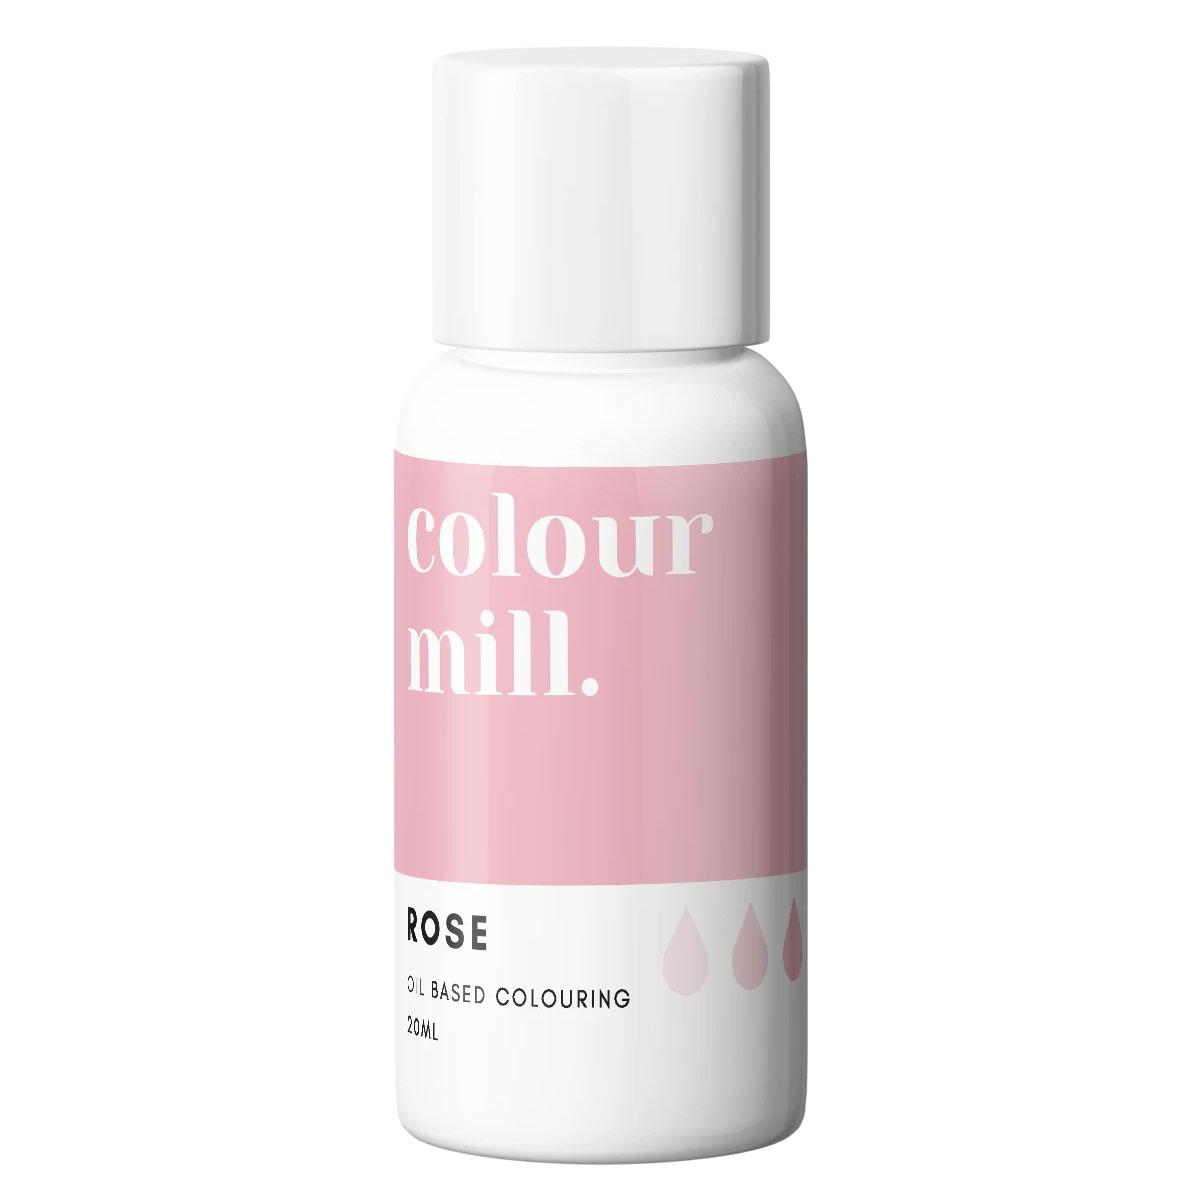 Colour Mill fettlösliche Lebensmittelfarbe - Rose 20ml